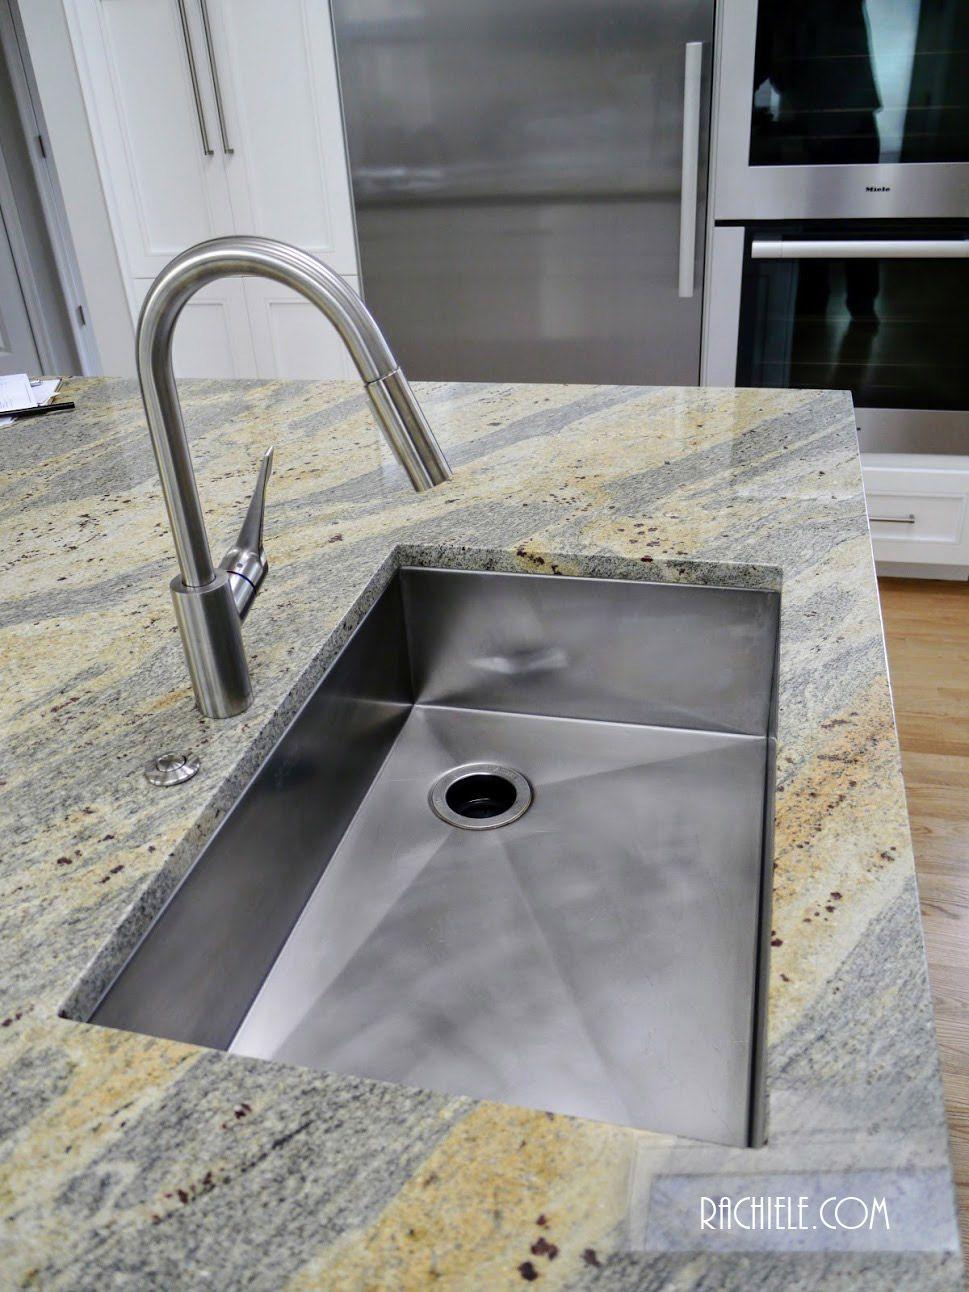 Rustic Matte Stainless Steel Sink With Rear Corner Drain Sink Kitchen Sink Kitchen Design